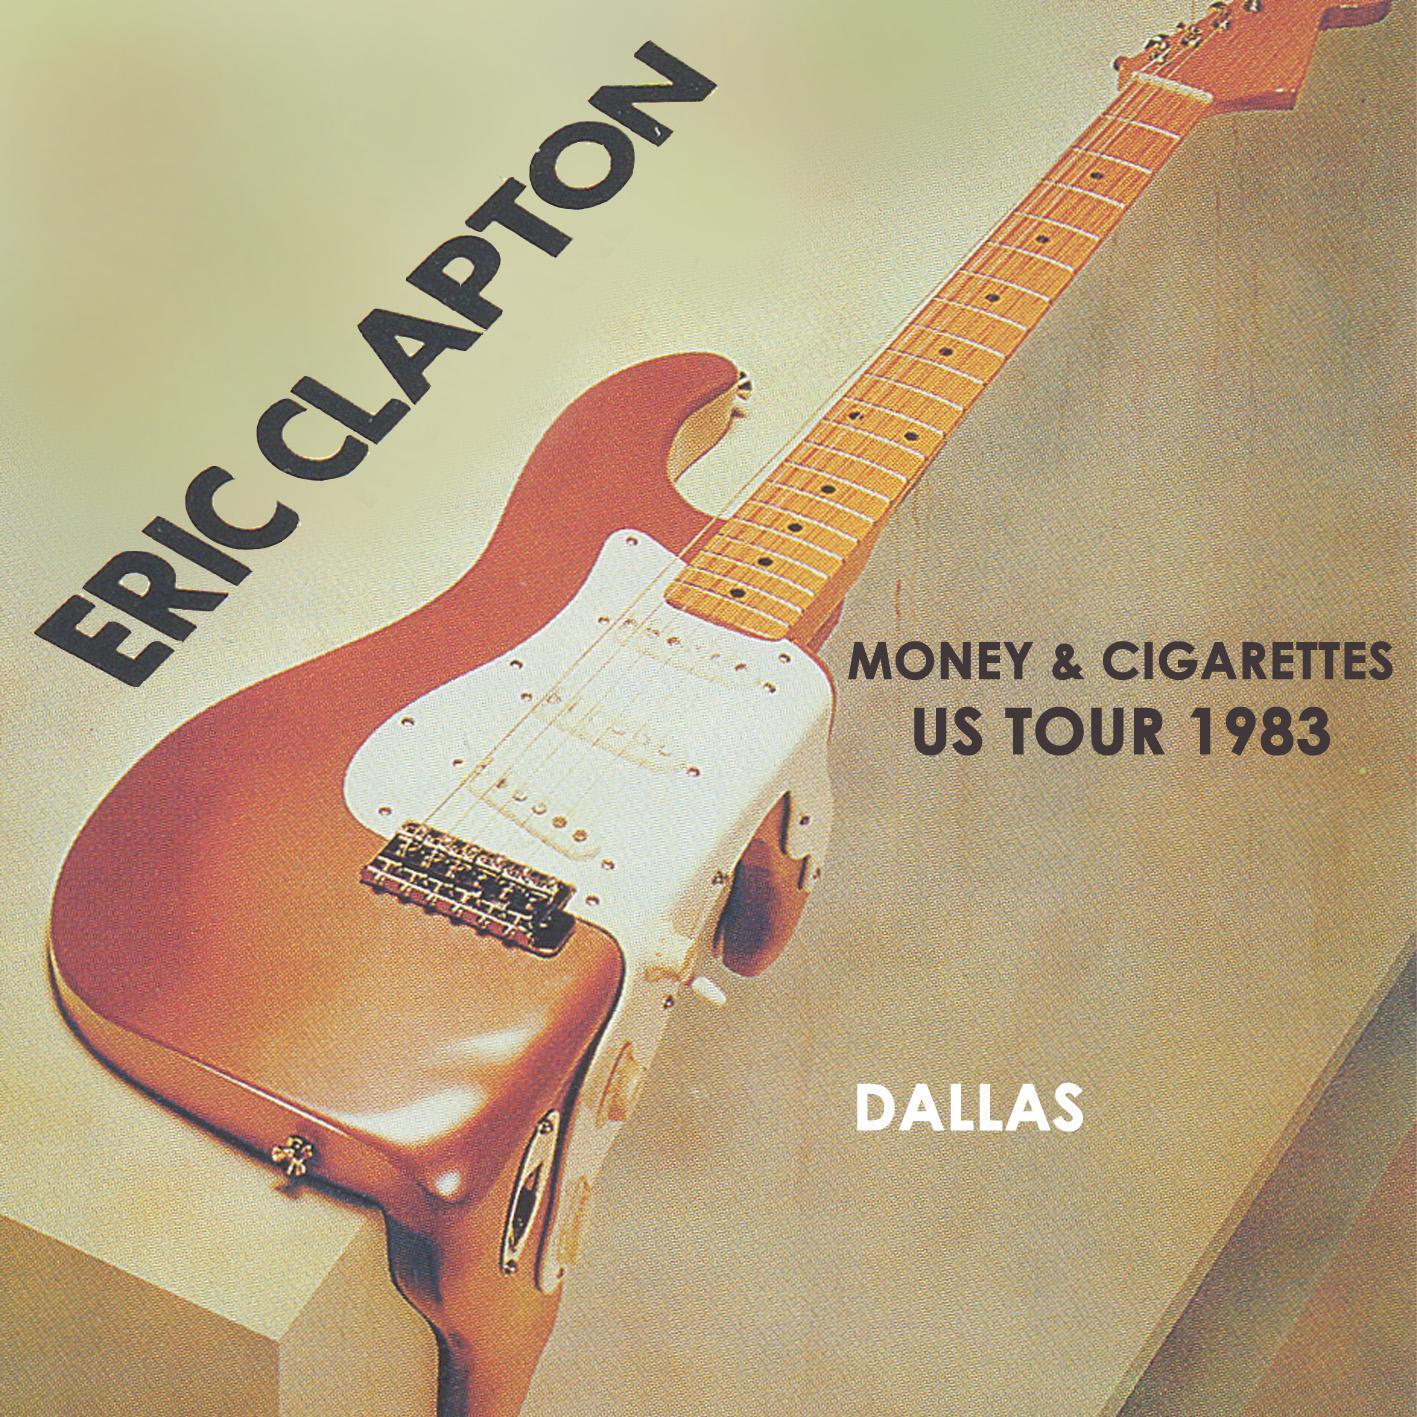 Eric Clapton Reunion Arena Dallas Texas February 15